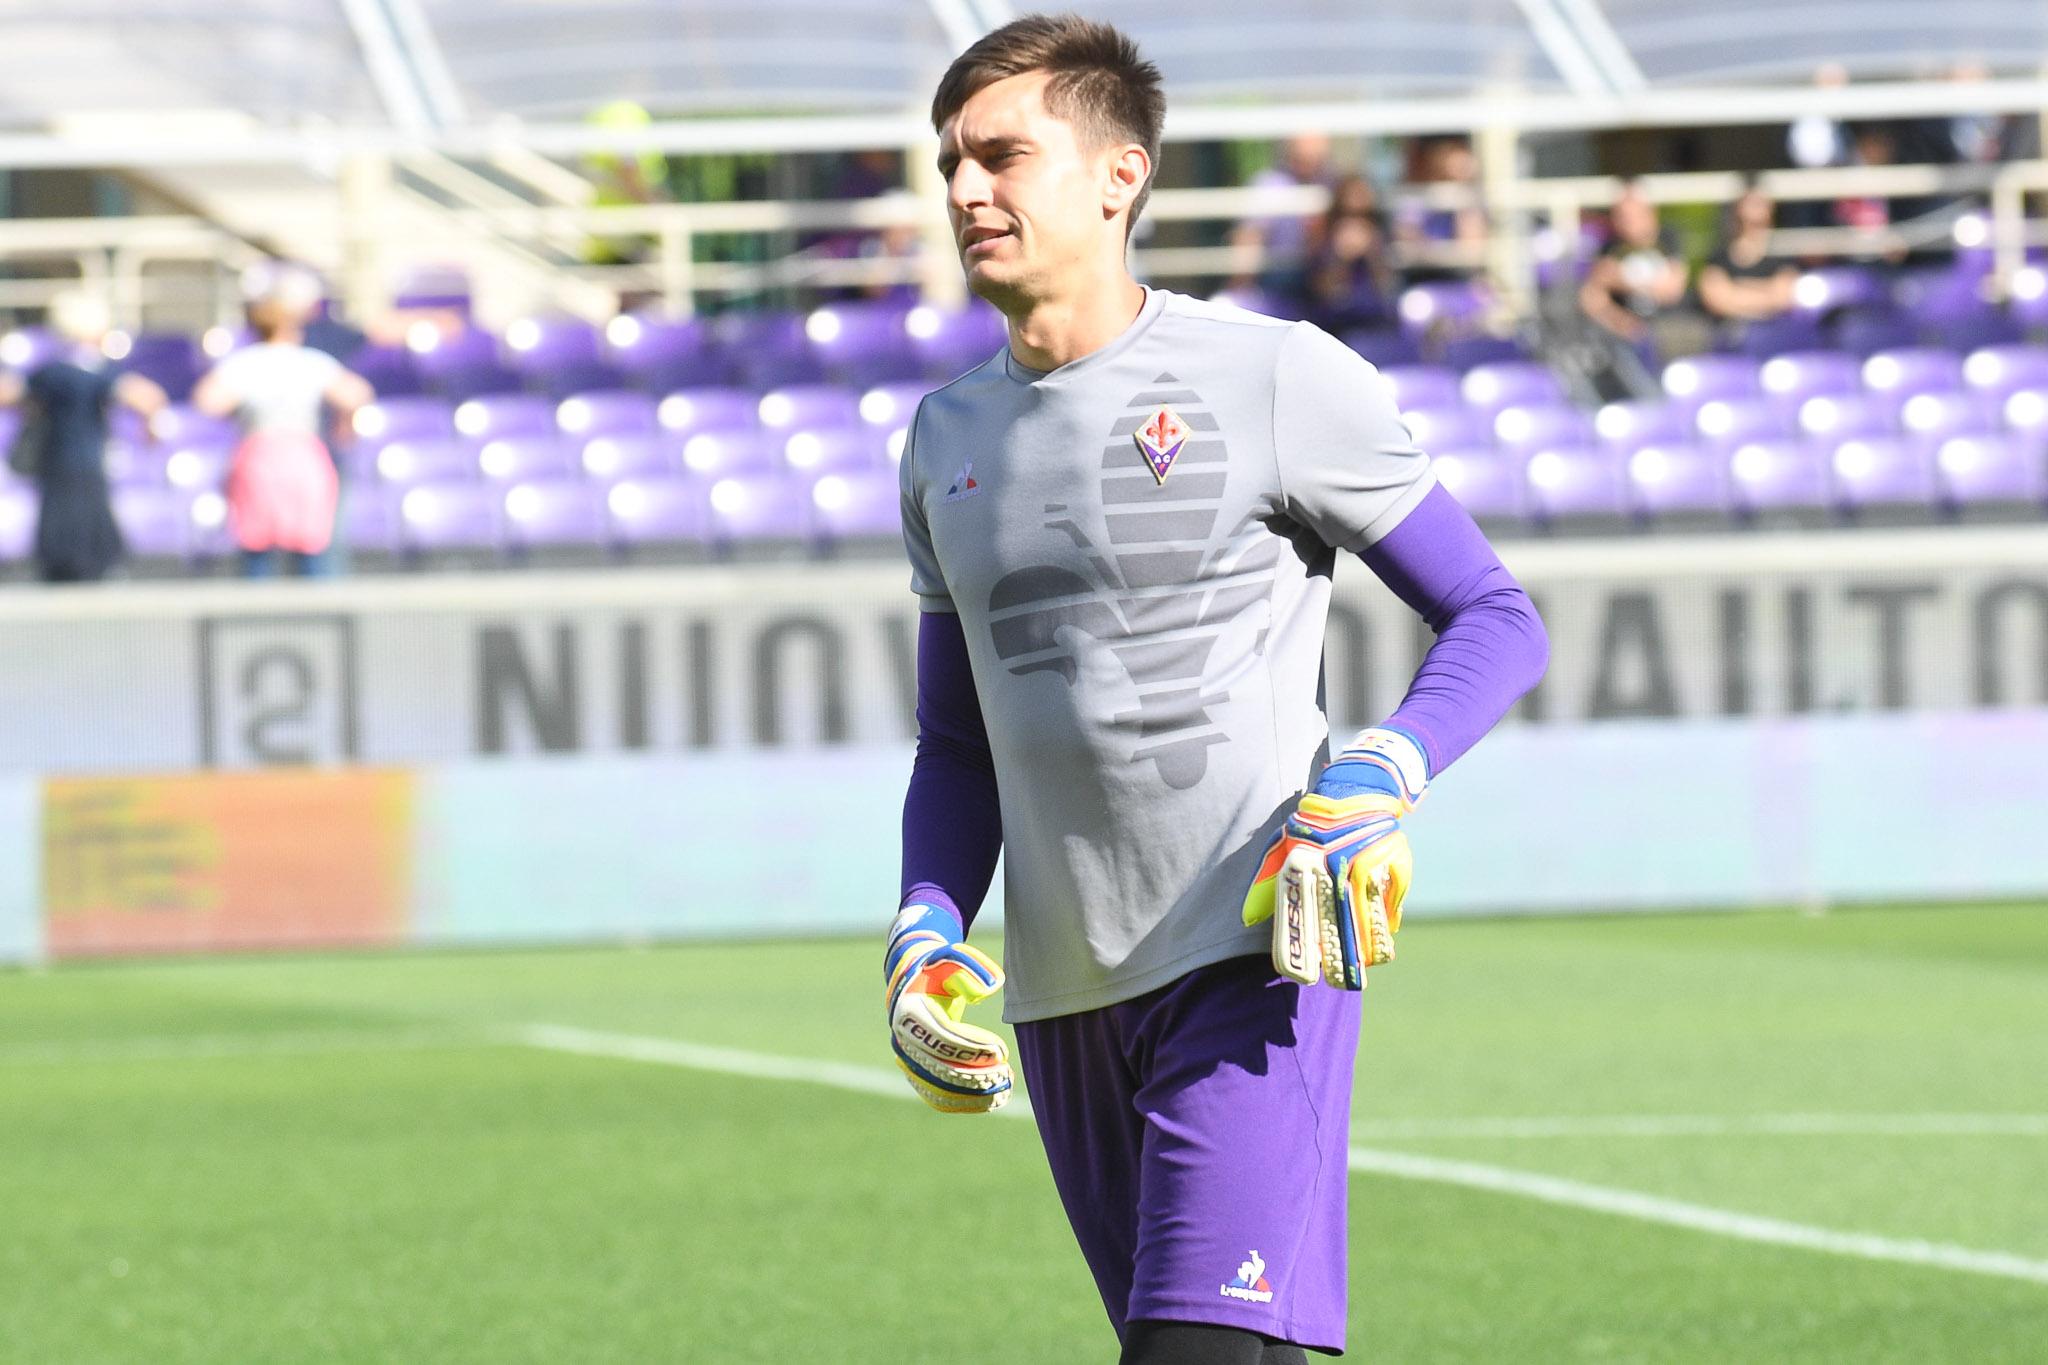 """Tatarusanu: """"L'addio alla Fiorentina? Nessuno mi offrì il rinnovo. Cosi' me ne sono andato."""""""